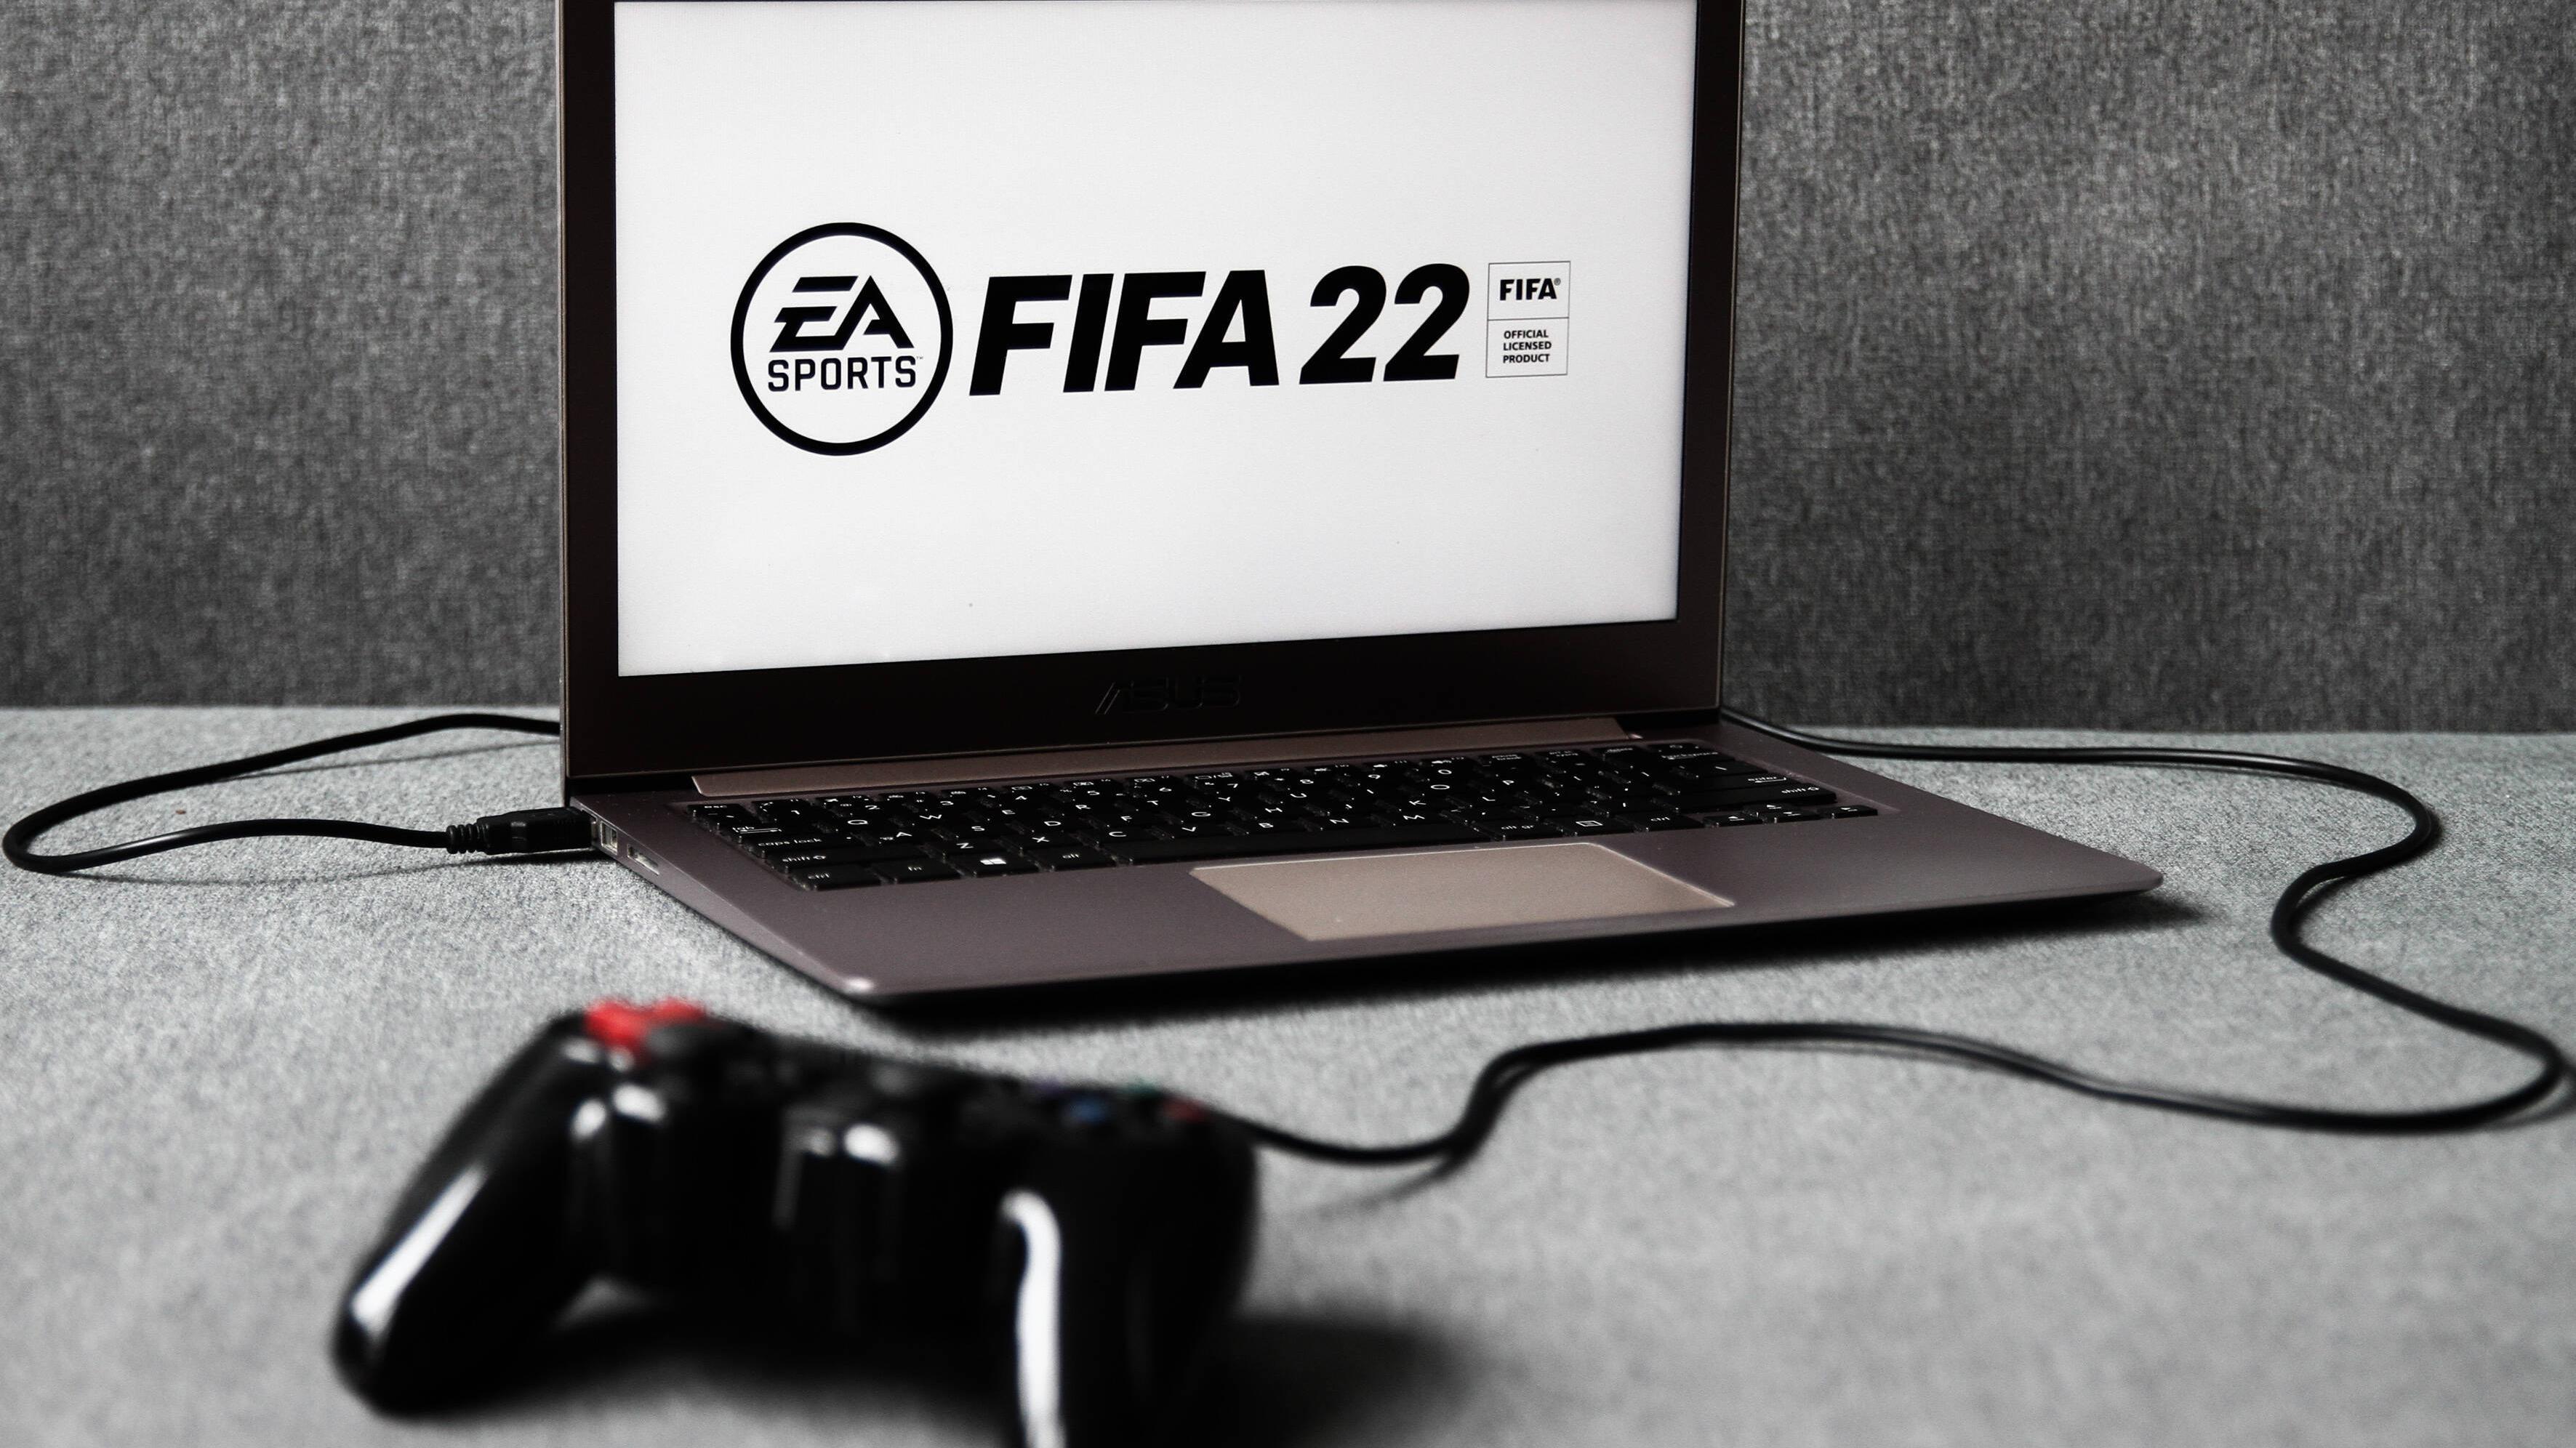 FIFA 22 wird wieder ohne die realitätsnahe Darstellung von Juventus Turin auskommen. Schuld daran sind die Exklusiv-Rechte, die sich Konkurrent Konami gesichert hat.